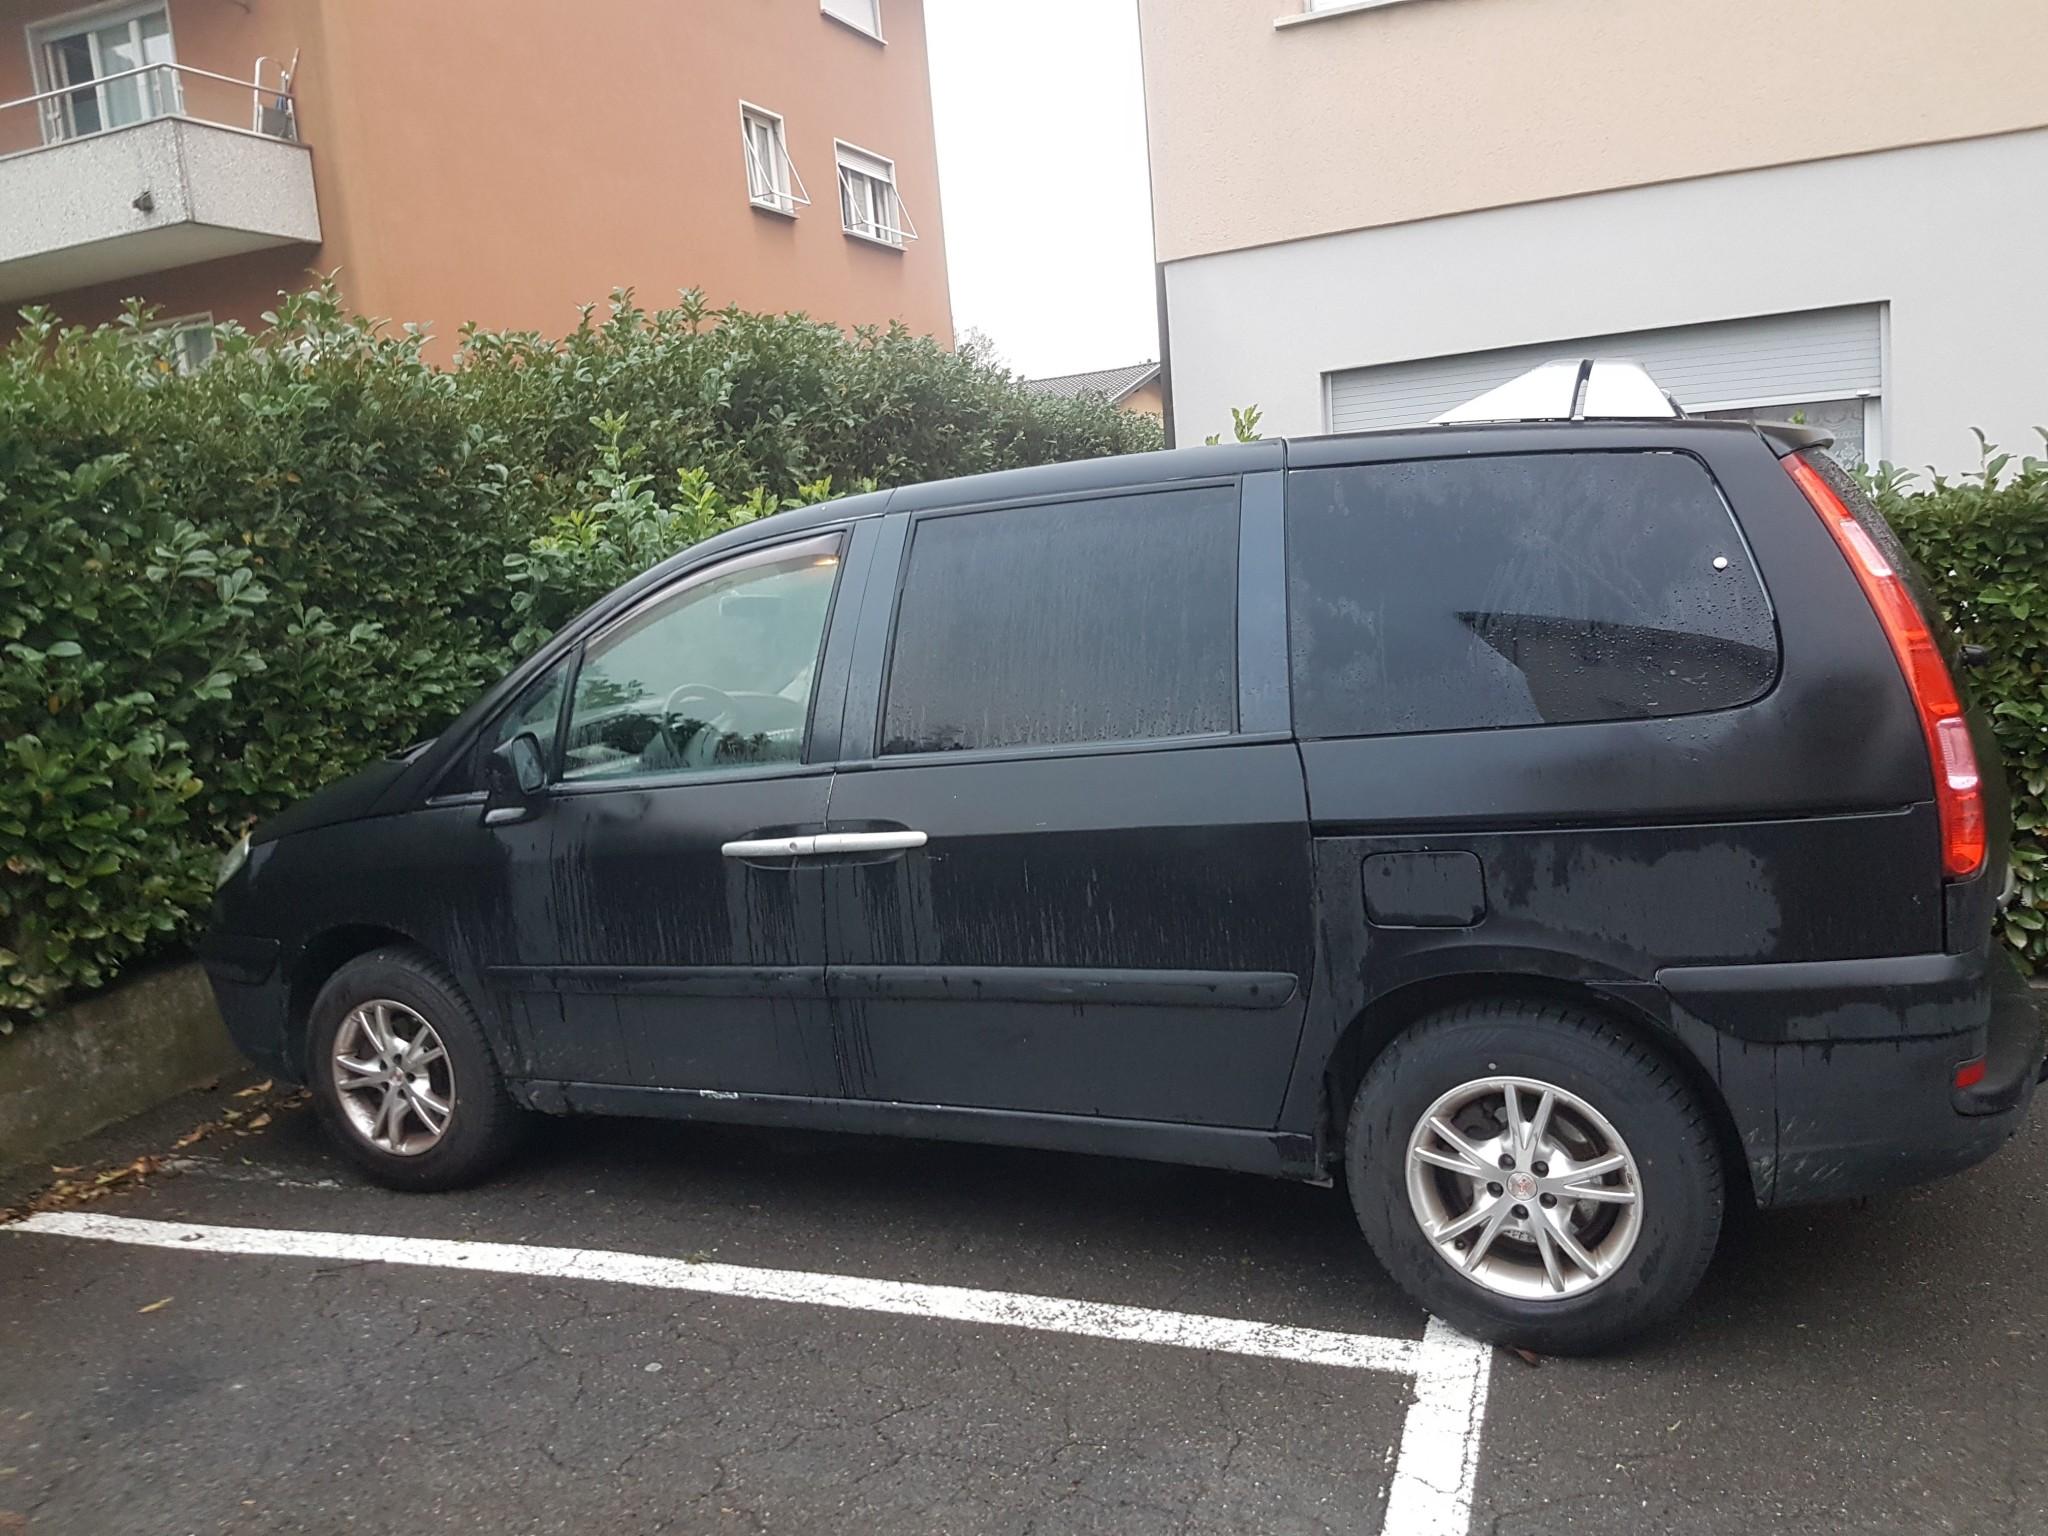 bus Citroën C8 citroen c8 collaudata